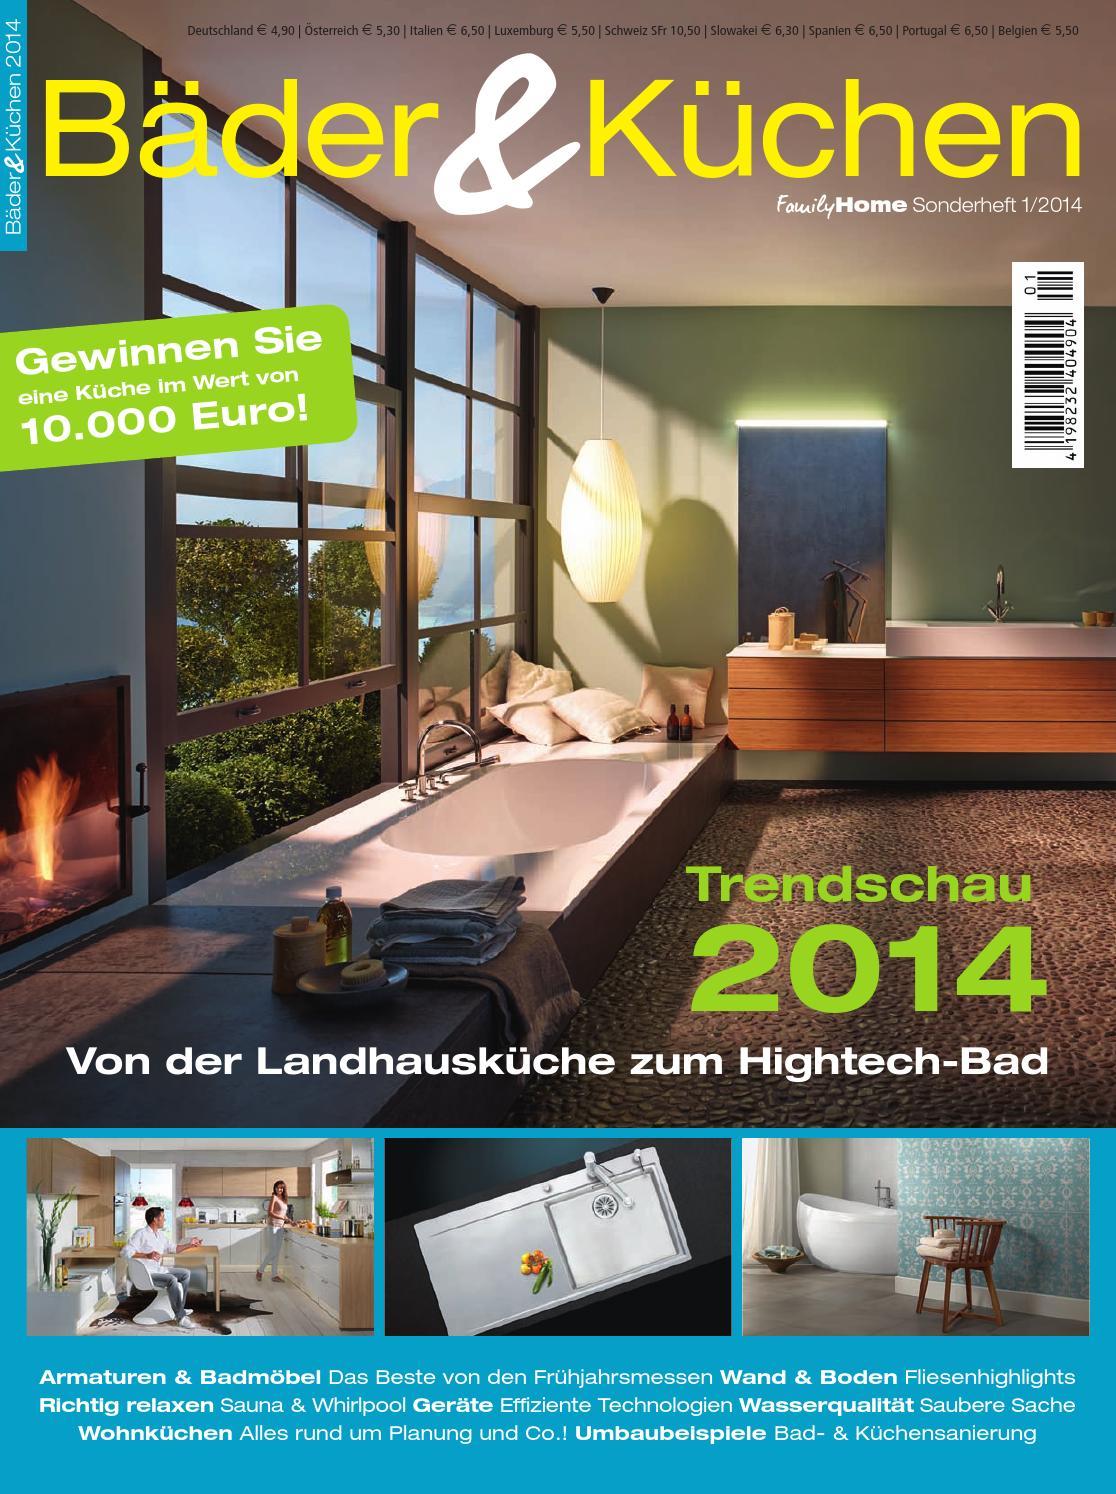 Bäder & küchen 2015 by family home verlag gmbh   issuu